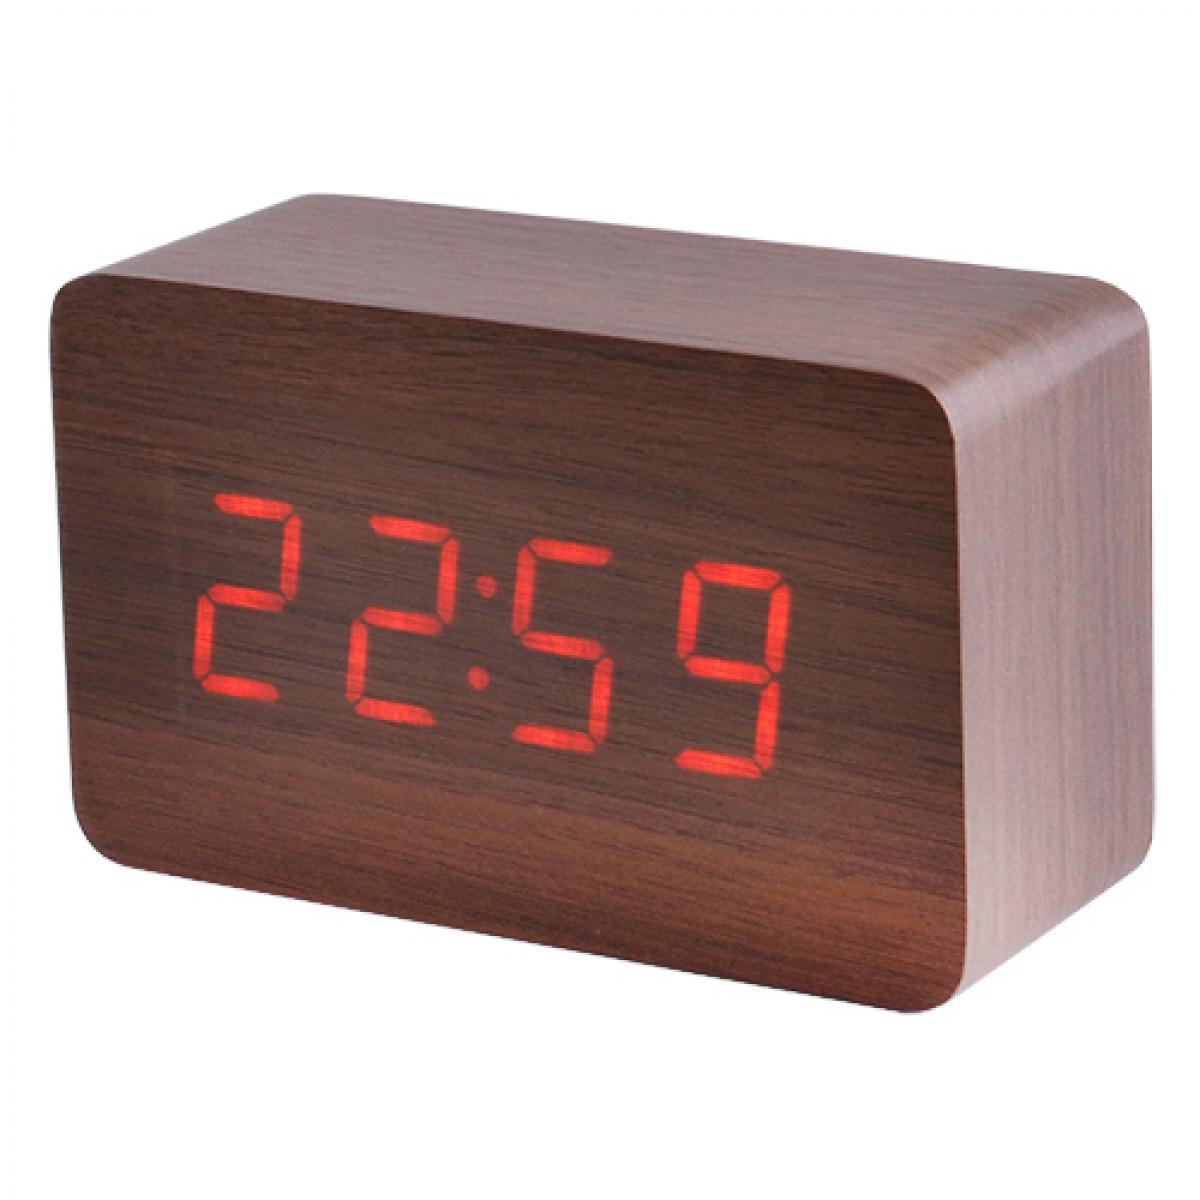 Стильные настольные часы под дерево VST863-1 с красной подсветкой